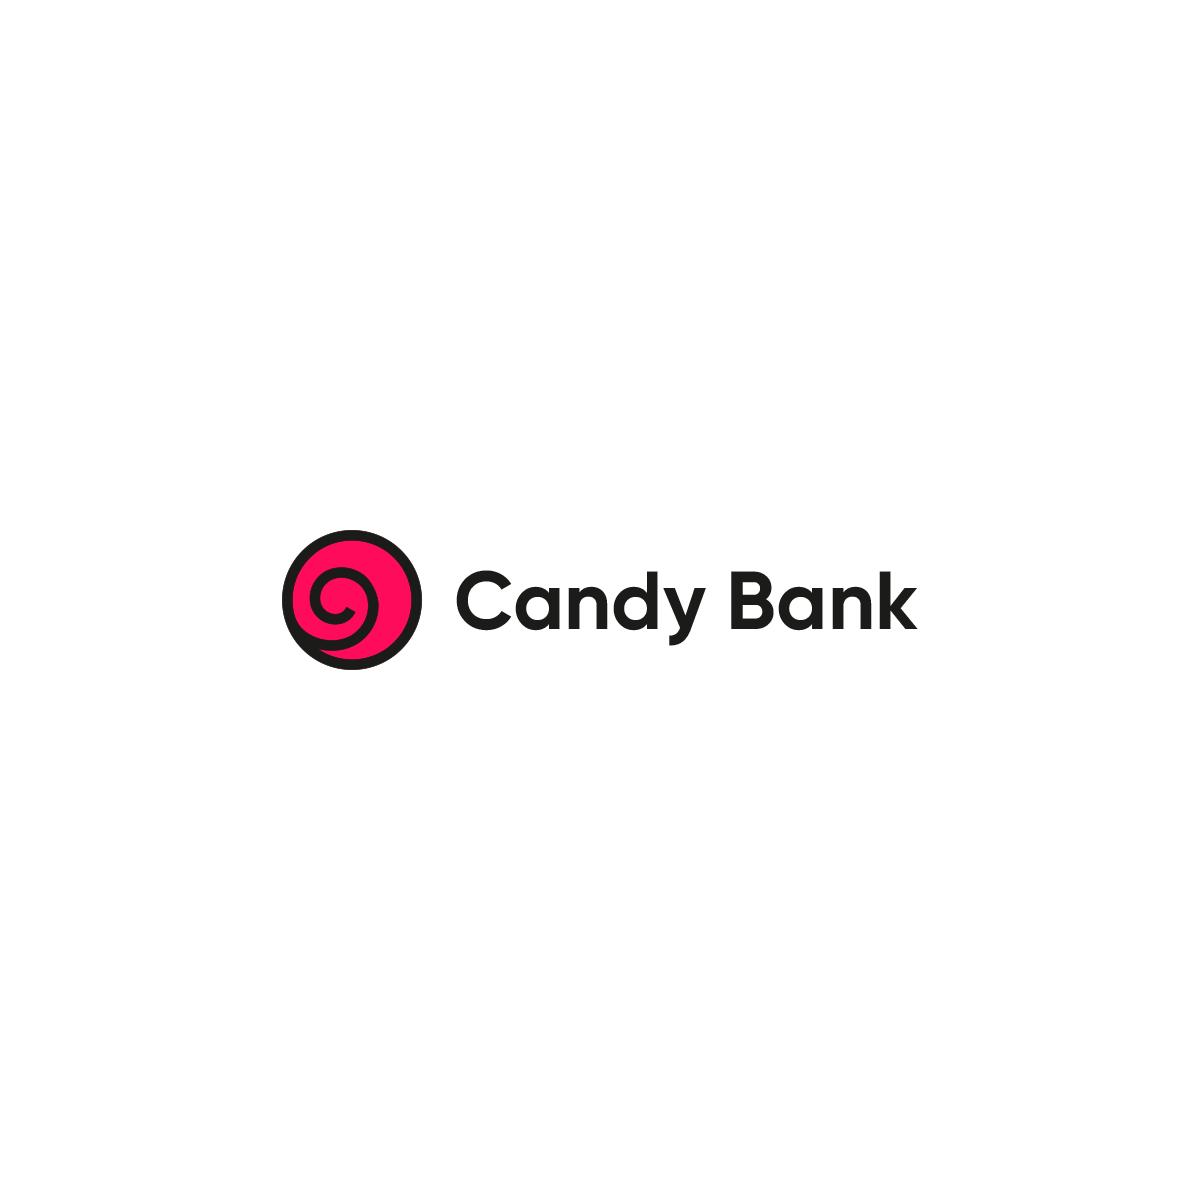 Логотип для международного банка фото f_8555d71cb340b59a.png